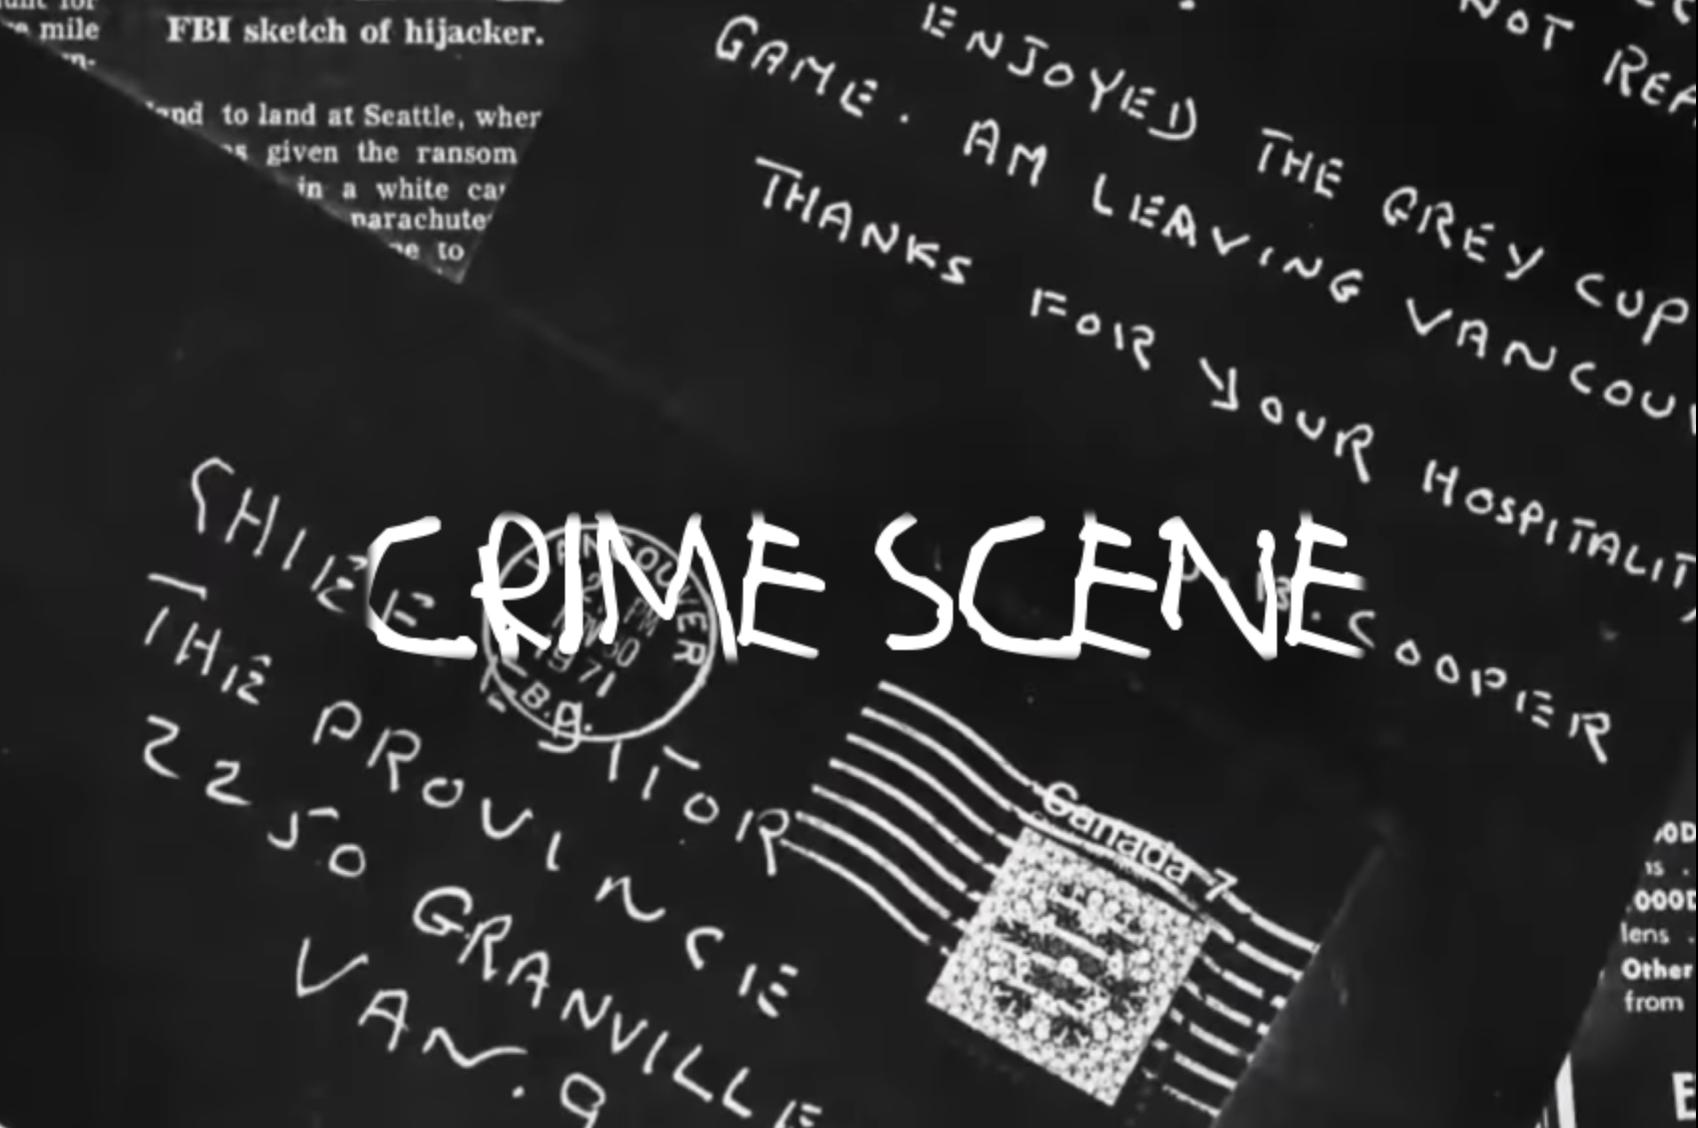 New Channel: Crime Scene